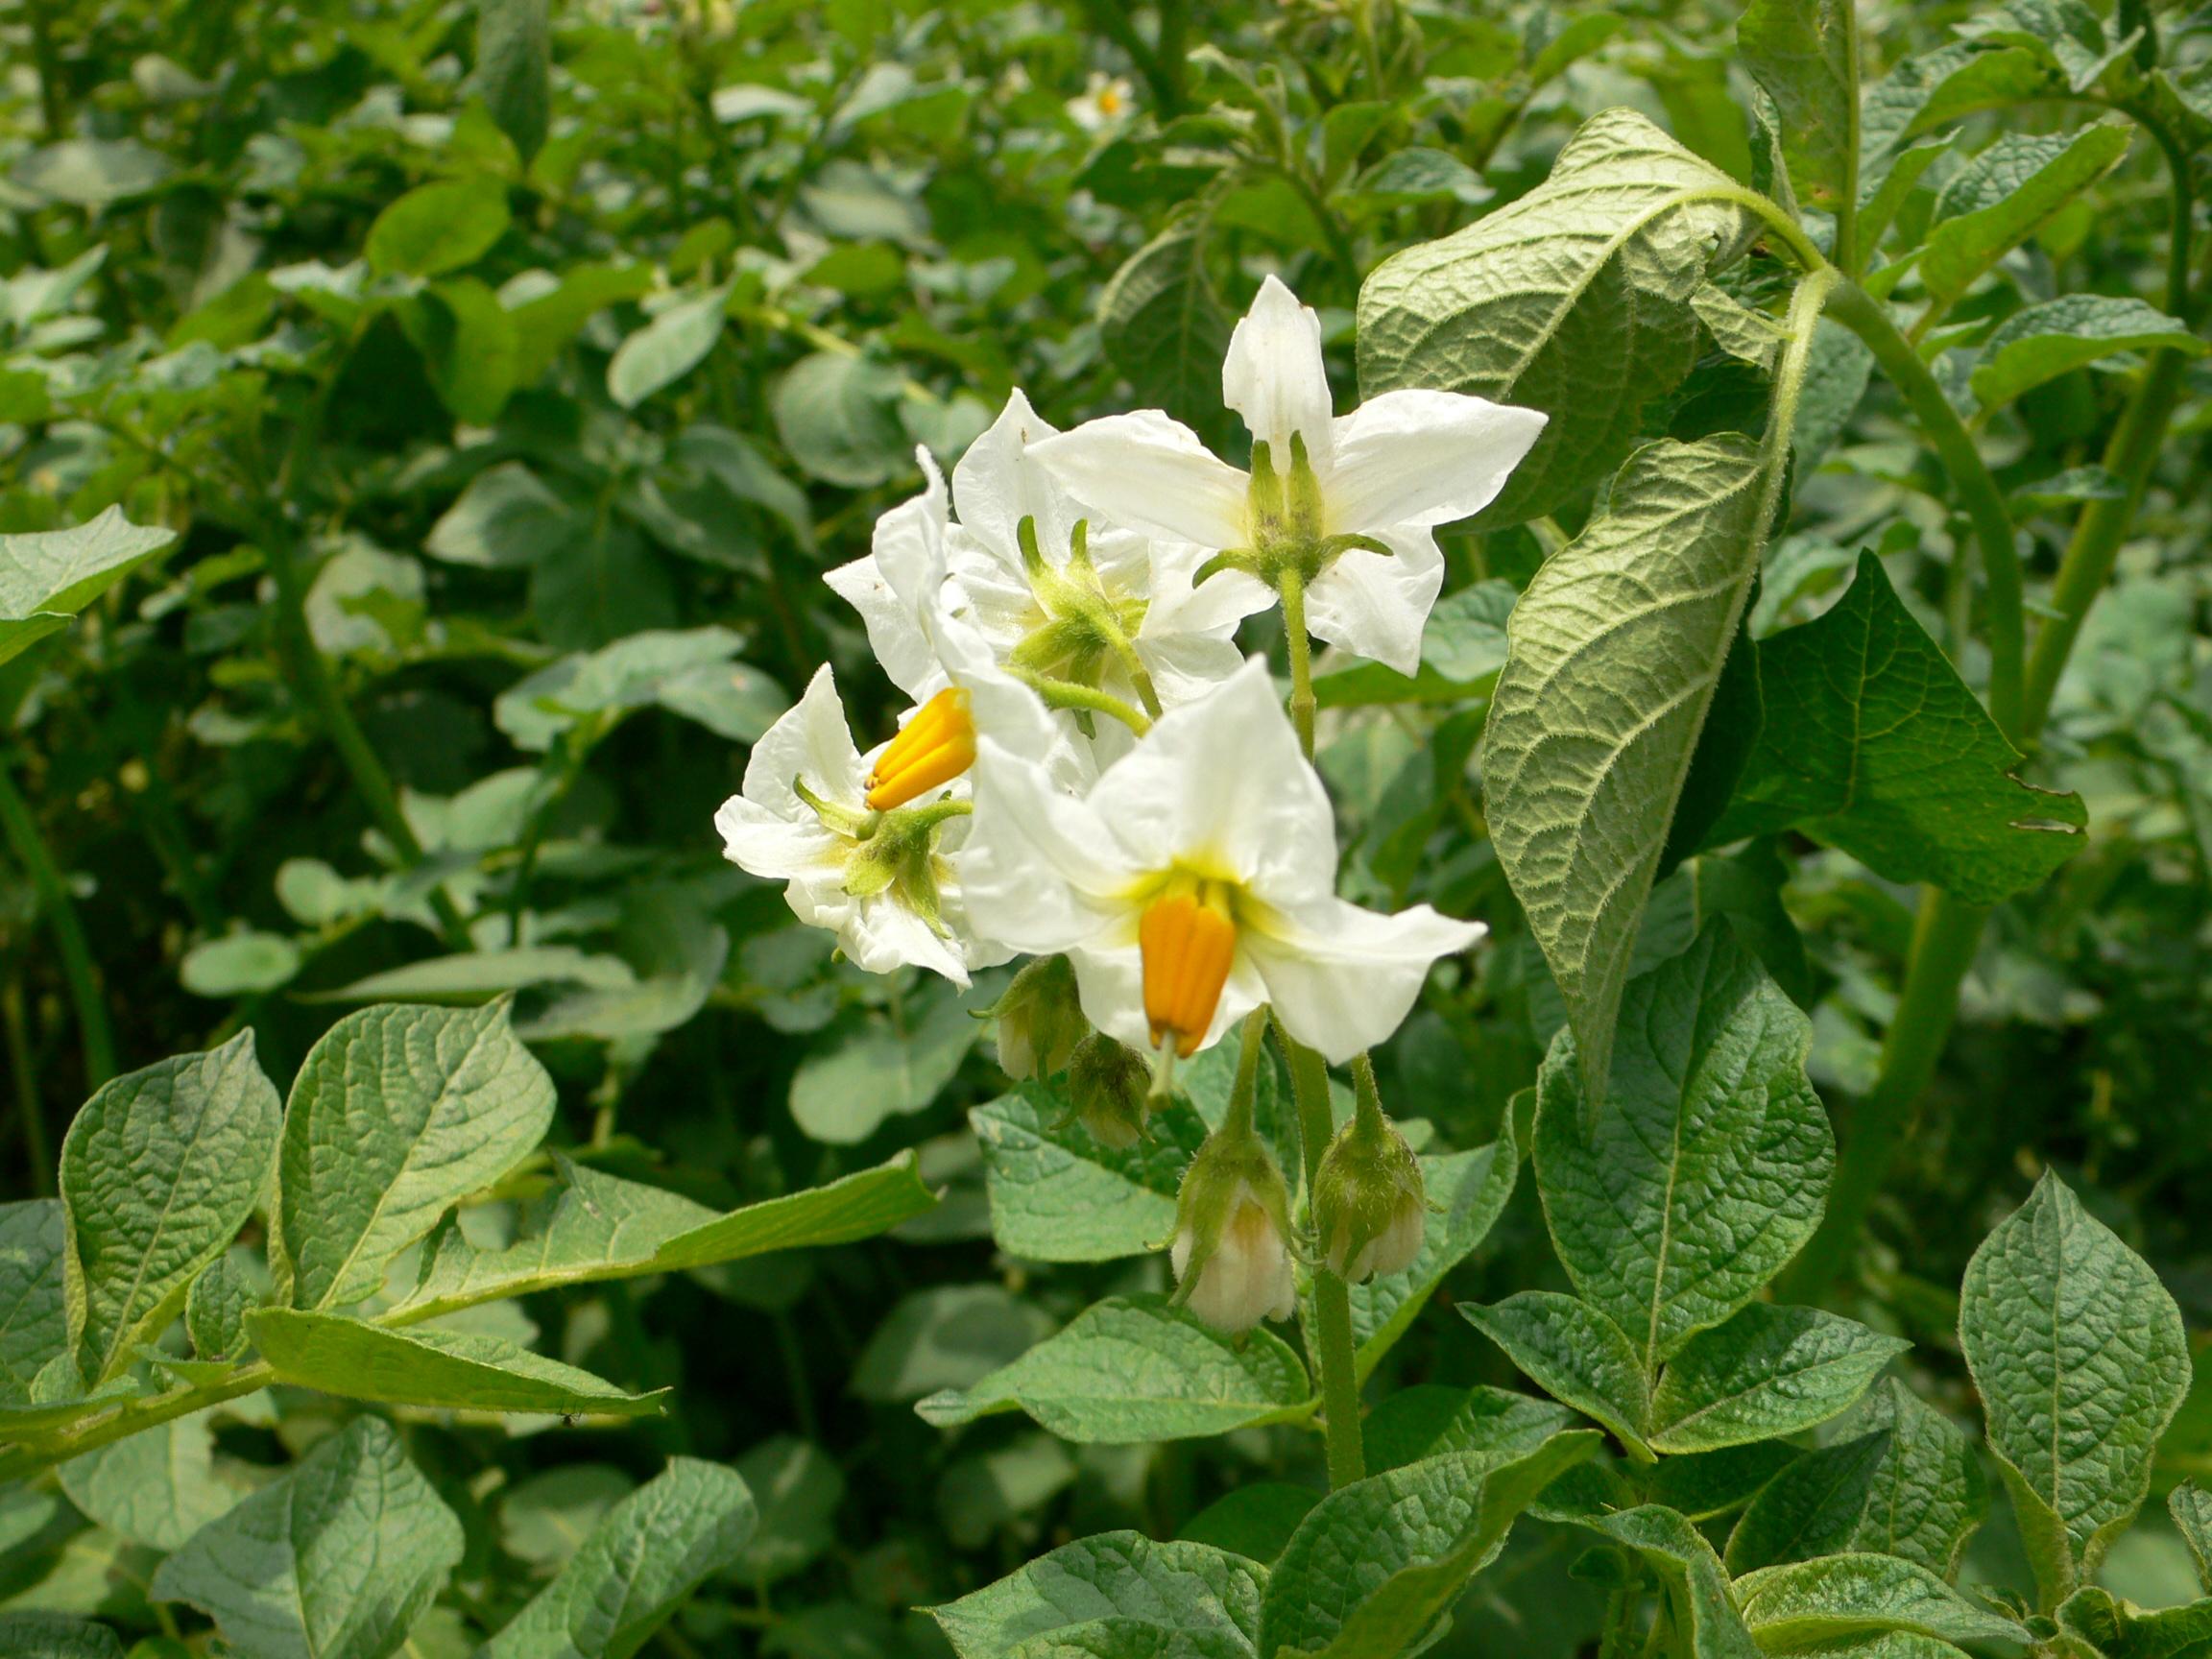 Kartoffeln sind Nachtschattengewächse, die Blüten zeigen dies deutlich.